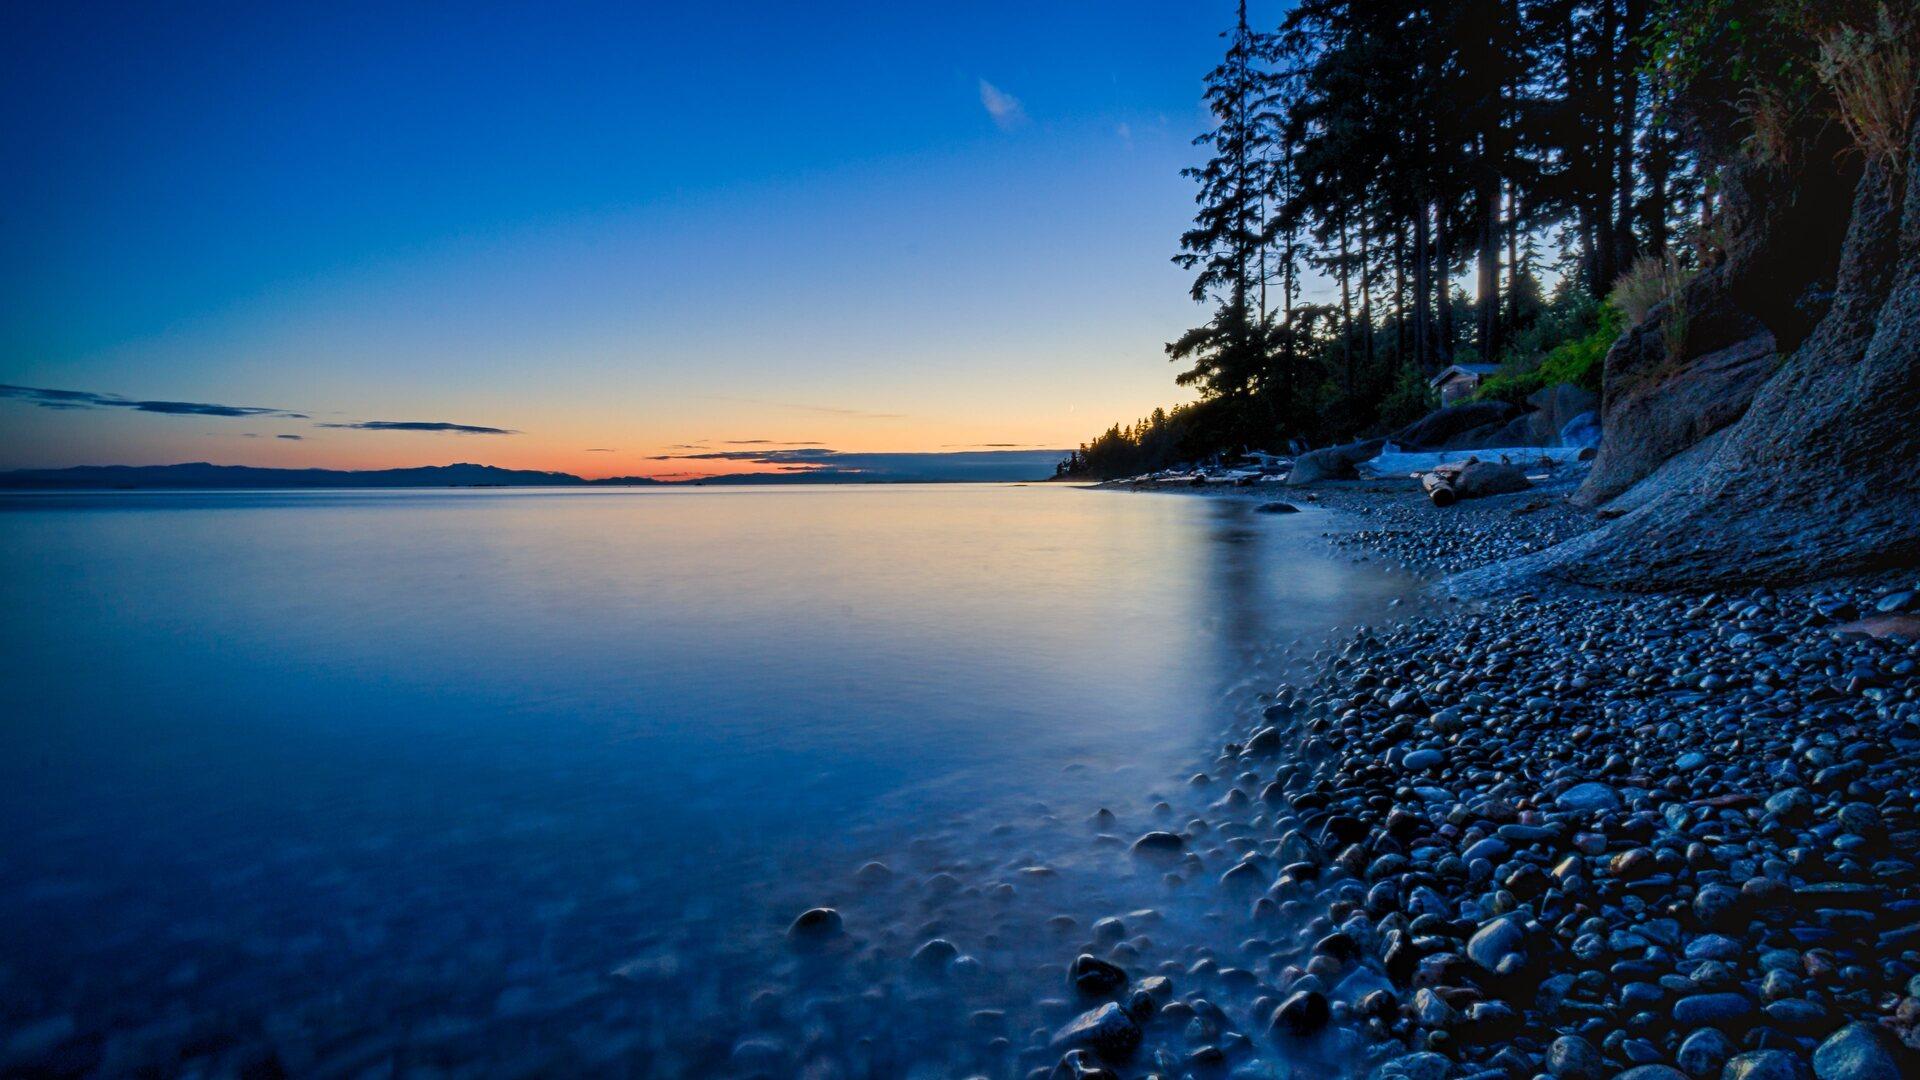 1920x1080 Beautiful Sunset Sea Sky Scenery Landscape 4k ...